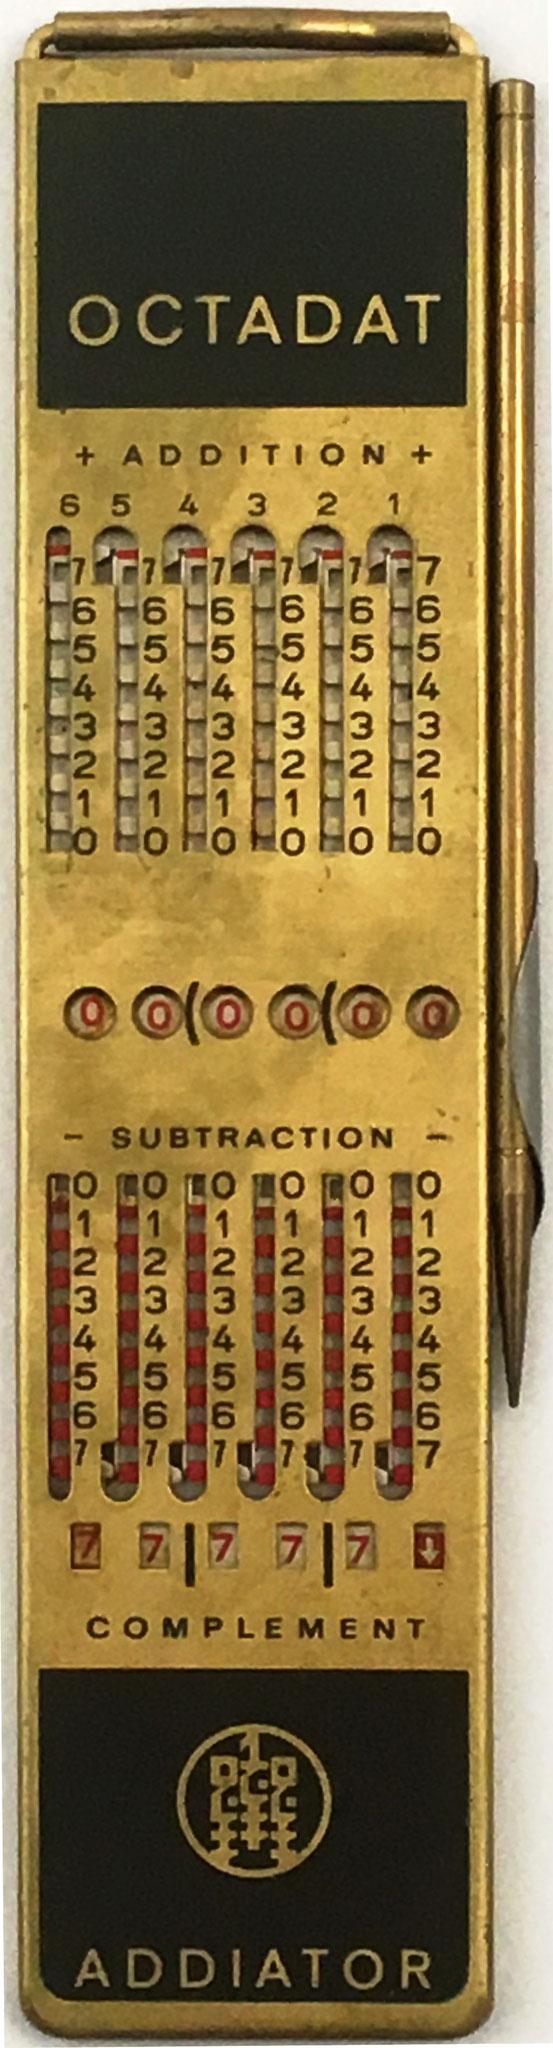 Addiator OCTADAT, base 8 (u octonario u octal) para uso de programadores del PDP-8, ICL 1900 y modelos de IBM que empleaban palabras de 12 bits, 24 bits o 36 bits, año 1968, 3.5x16 cm